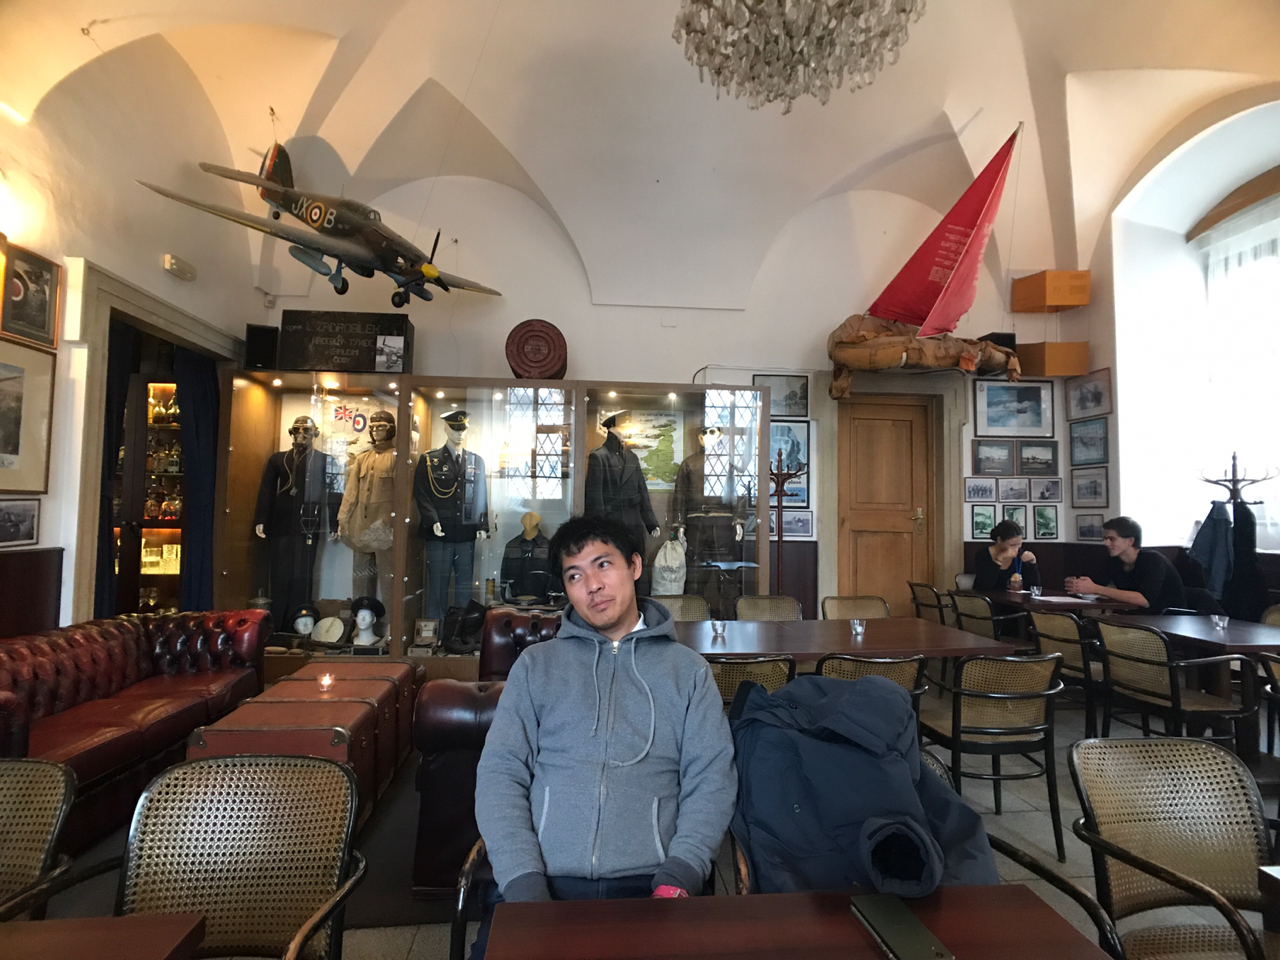 【チェコ旅】飛行機をモチーフにしたカフェ「Air Cafe」 #チェコへ行こう #cz100y #Brno #ブルノ